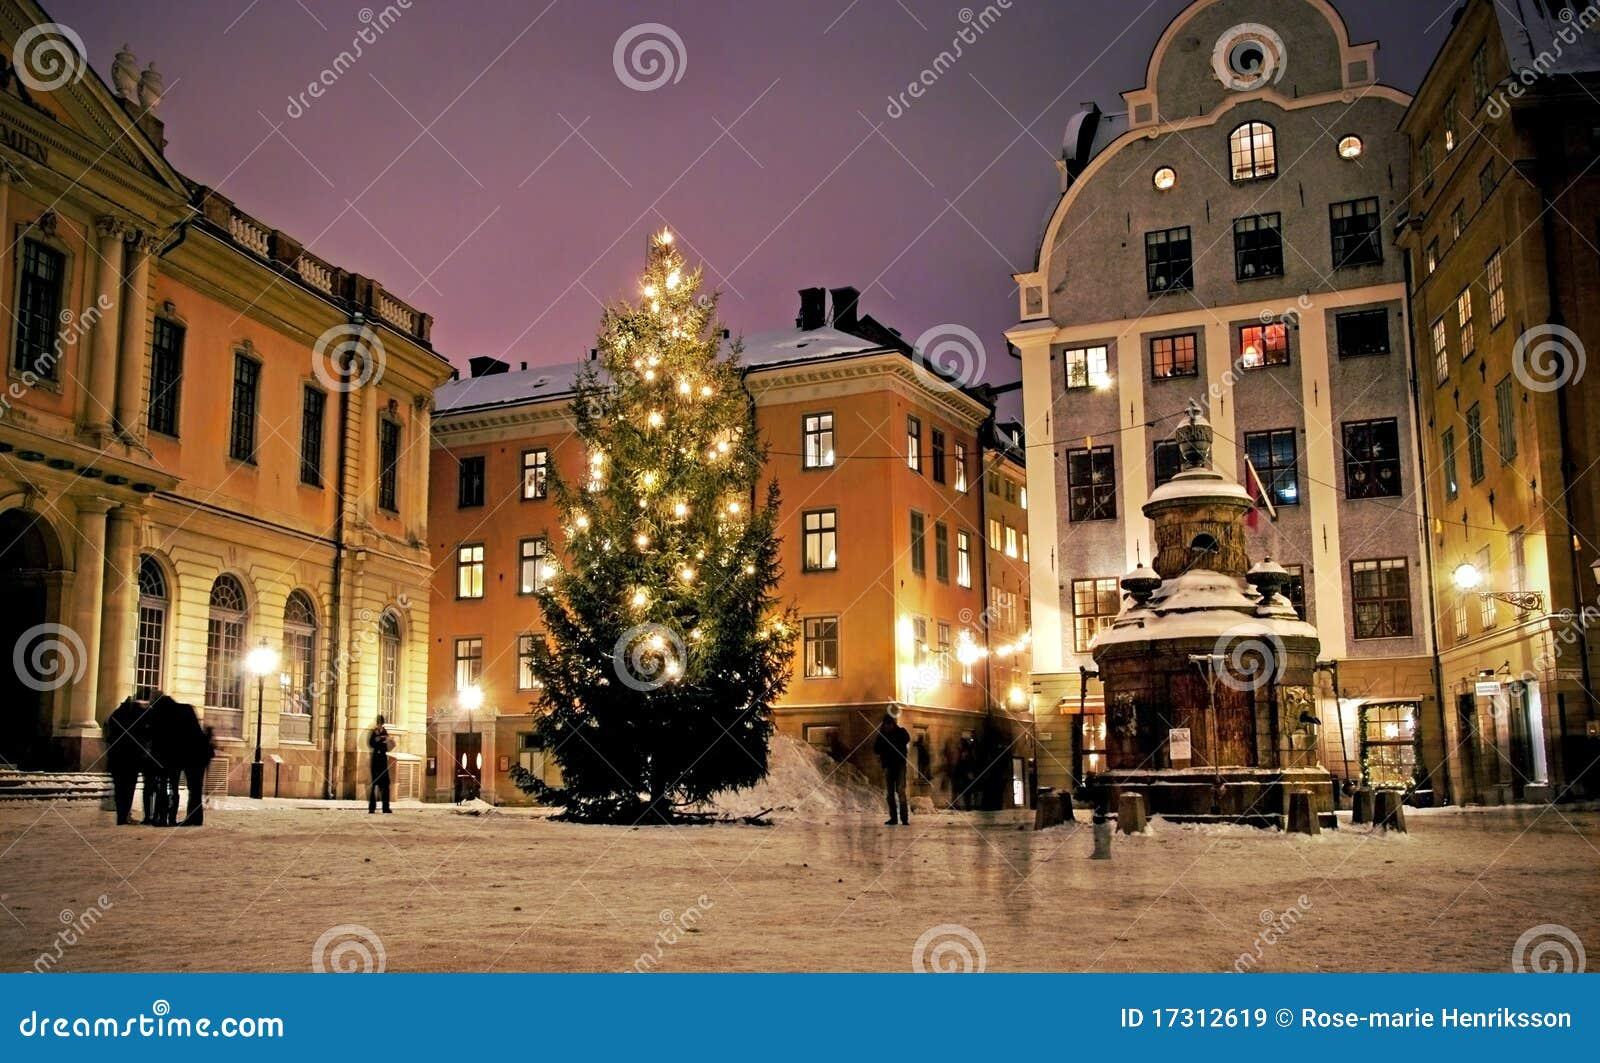 Stortorget Stockholm Sweden Royalty Free Stock Images Image 17312619